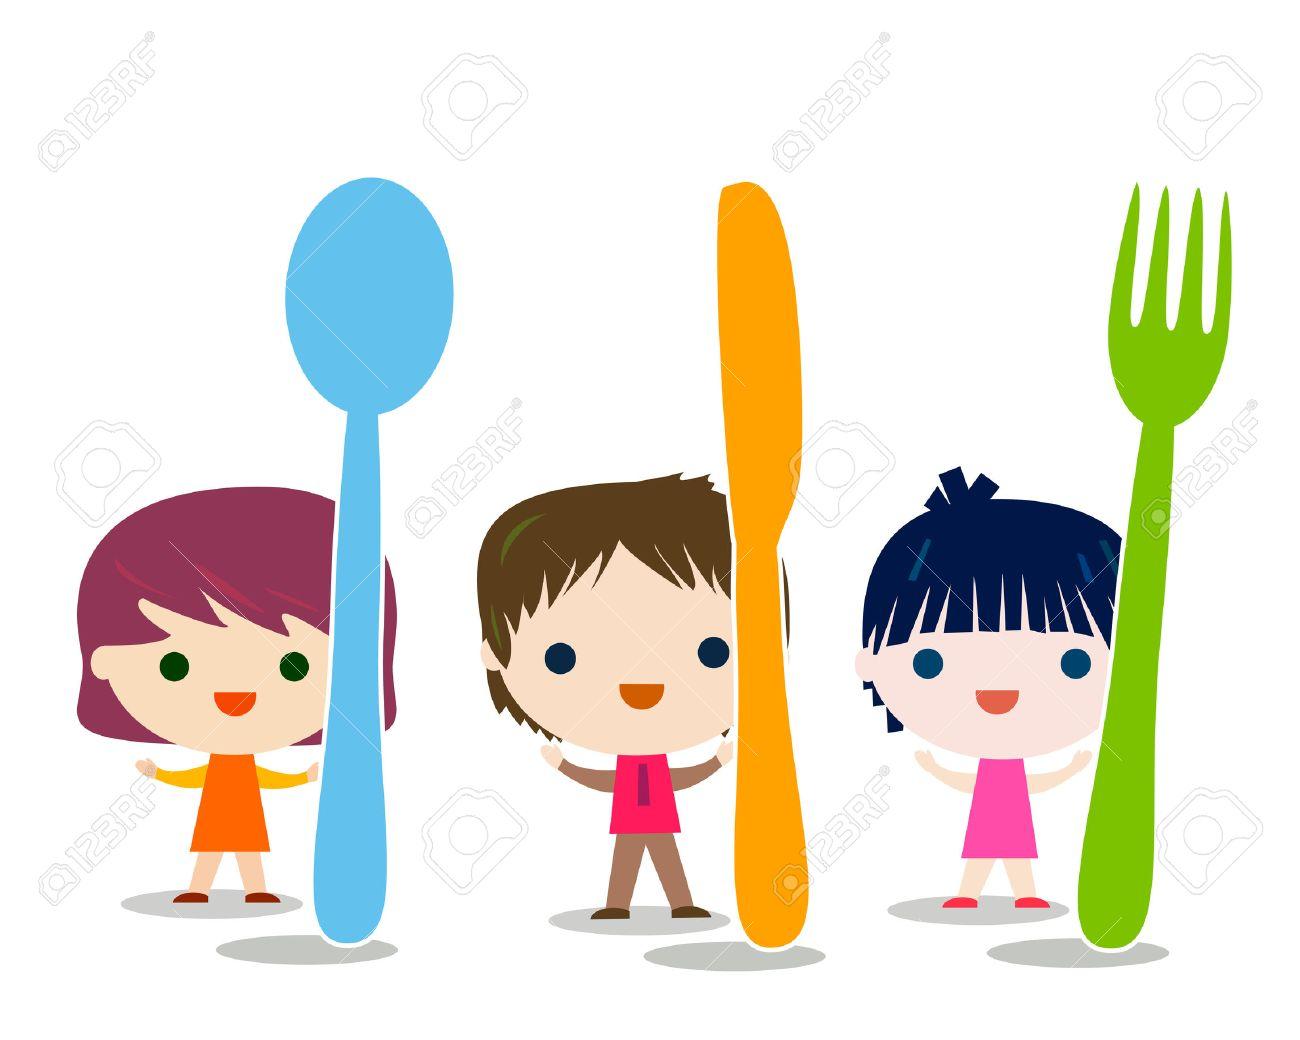 kids menu background illustration - 55450819